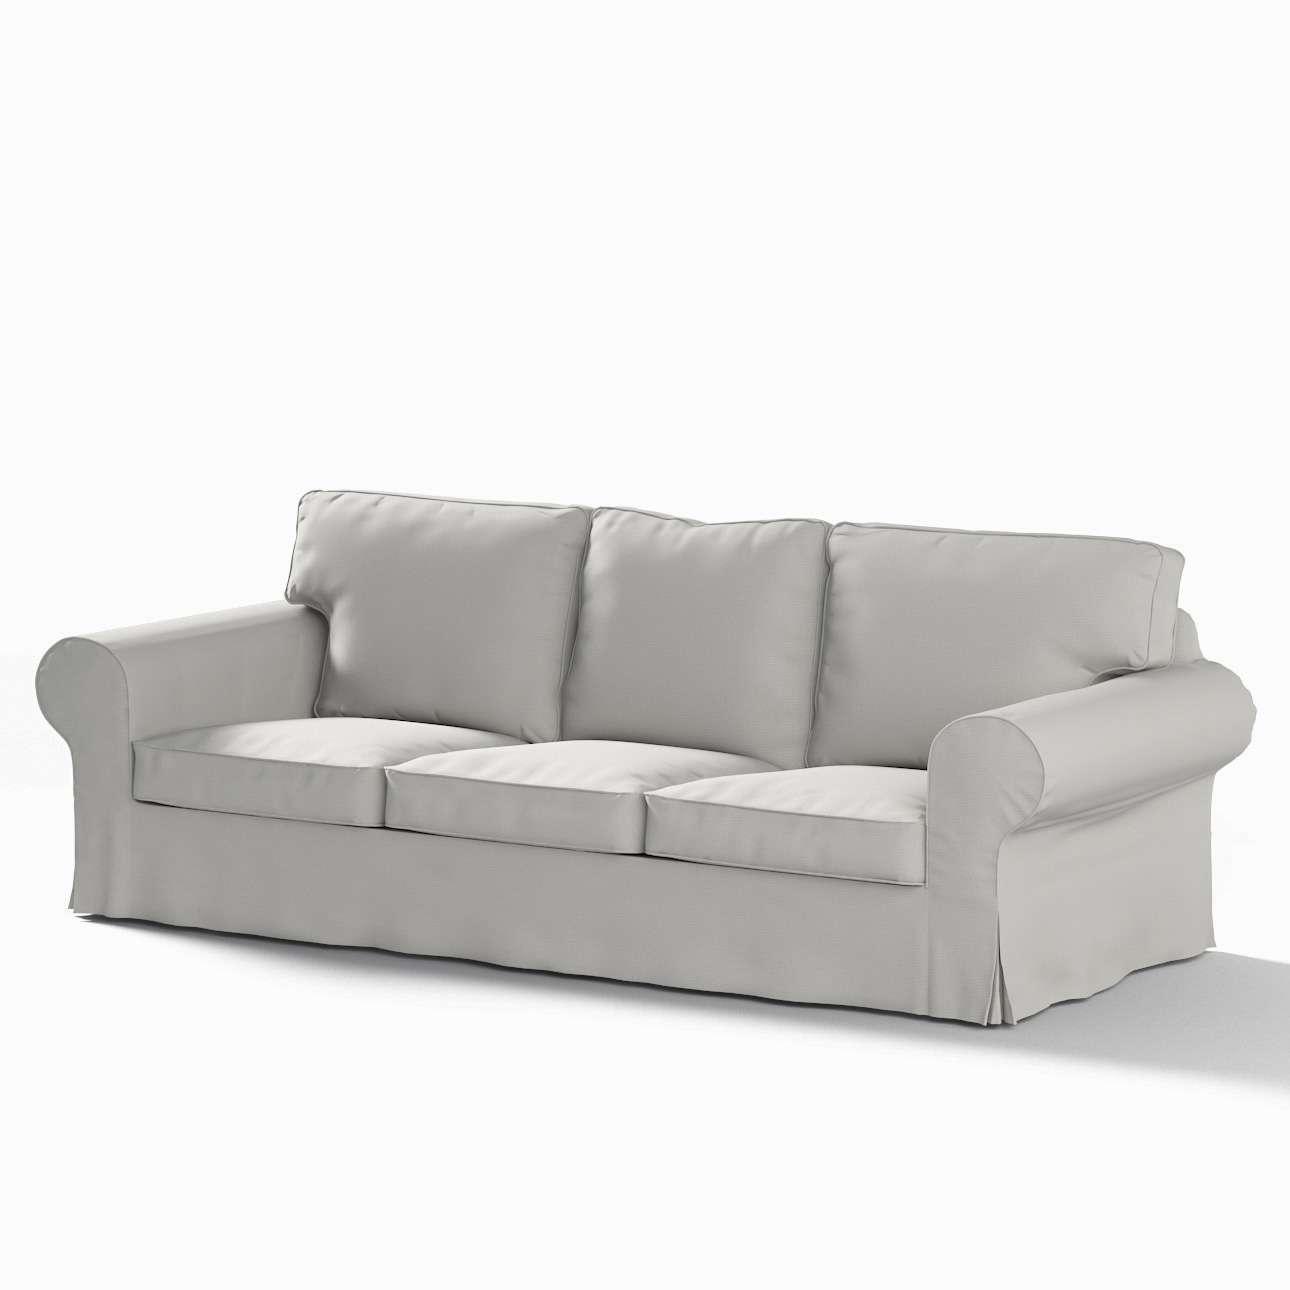 Pokrowiec na sofę Ektorp 3-osobową, nierozkładaną Sofa Ektorp 3-osobowa w kolekcji Etna , tkanina: 705-90